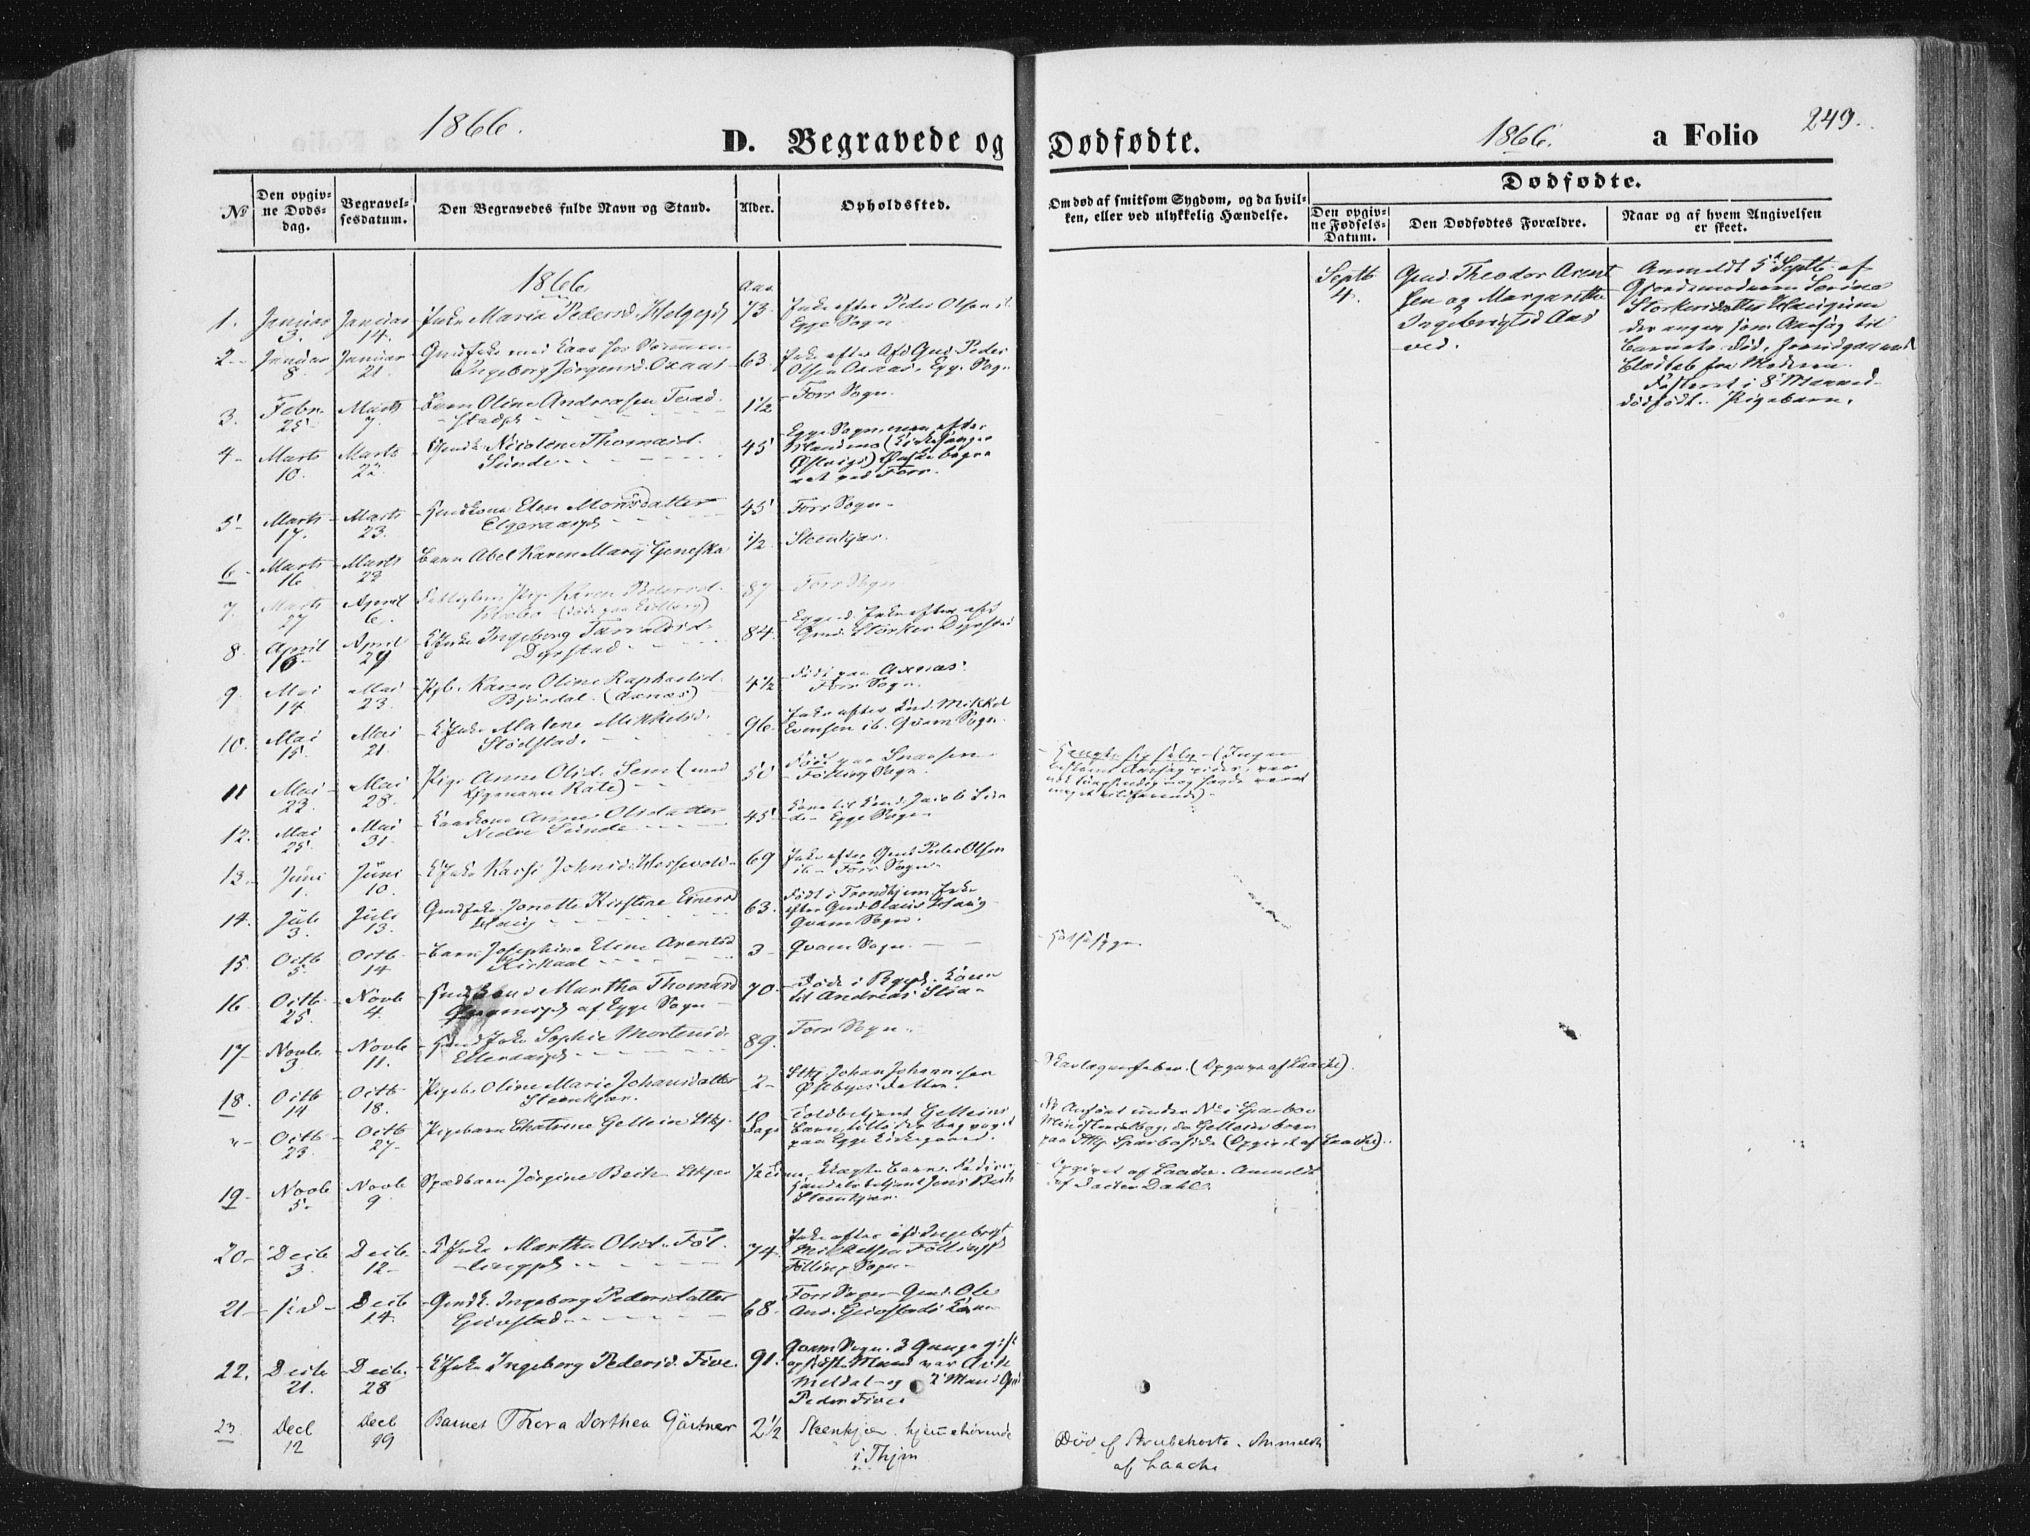 SAT, Ministerialprotokoller, klokkerbøker og fødselsregistre - Nord-Trøndelag, 746/L0447: Ministerialbok nr. 746A06, 1860-1877, s. 249